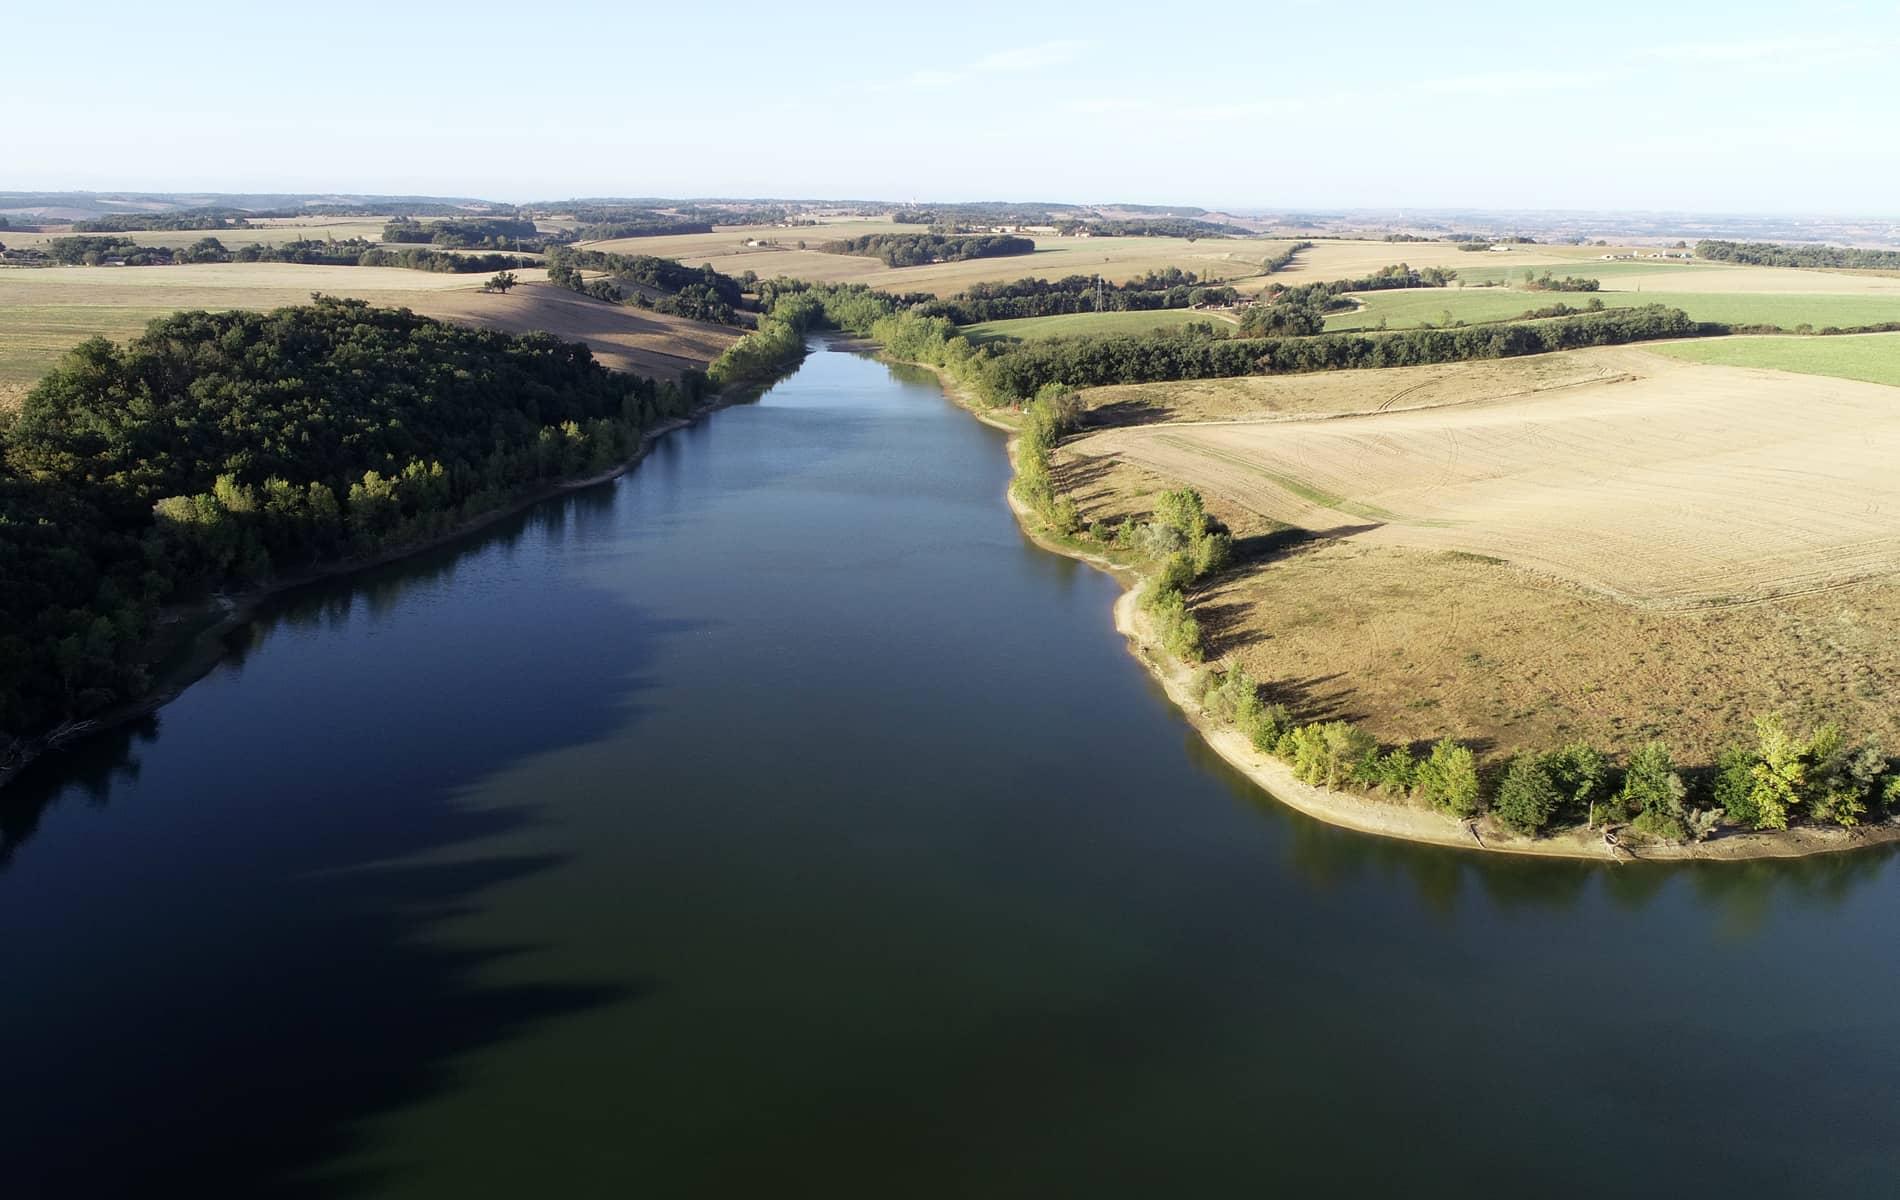 Vue aérienne du plan d'eau de vigueron